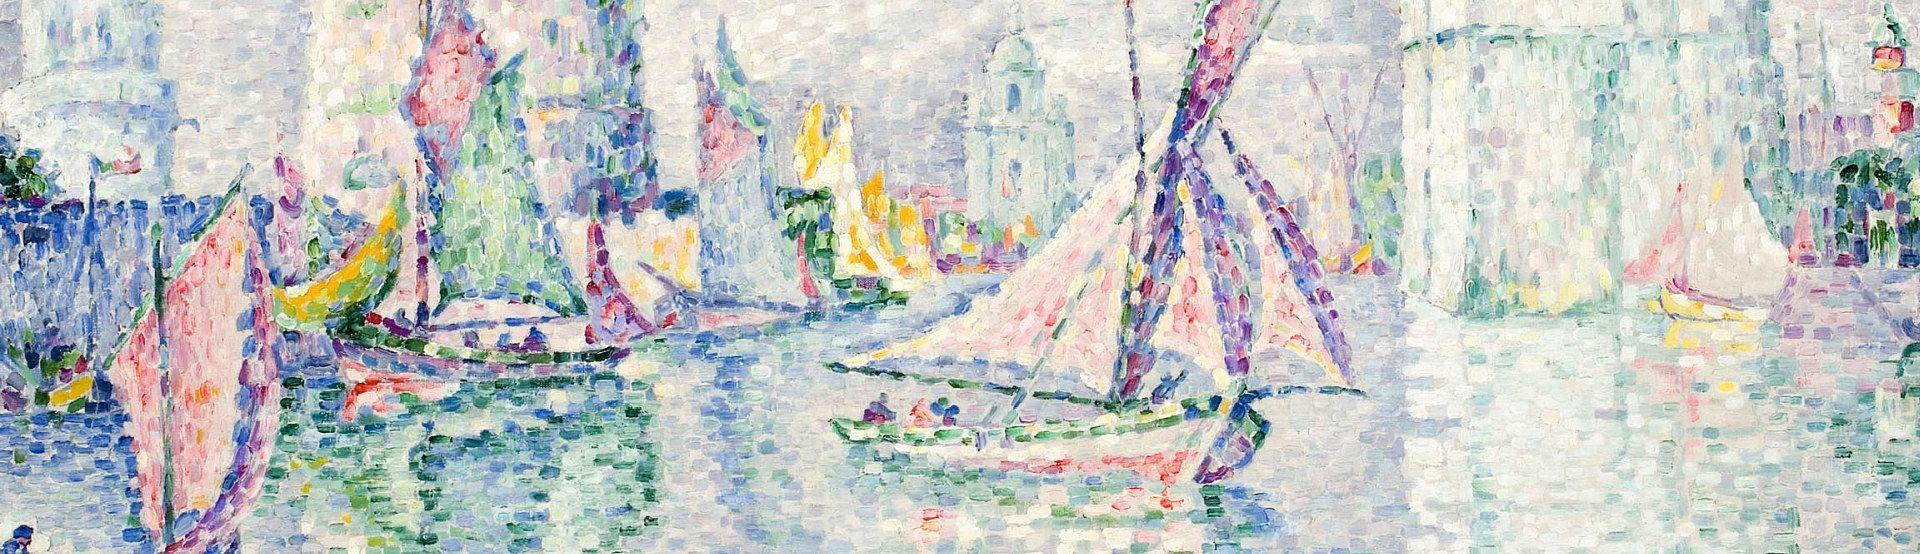 Impressziók. Monet-tól Van Goghig, Matisse-tól Warholig